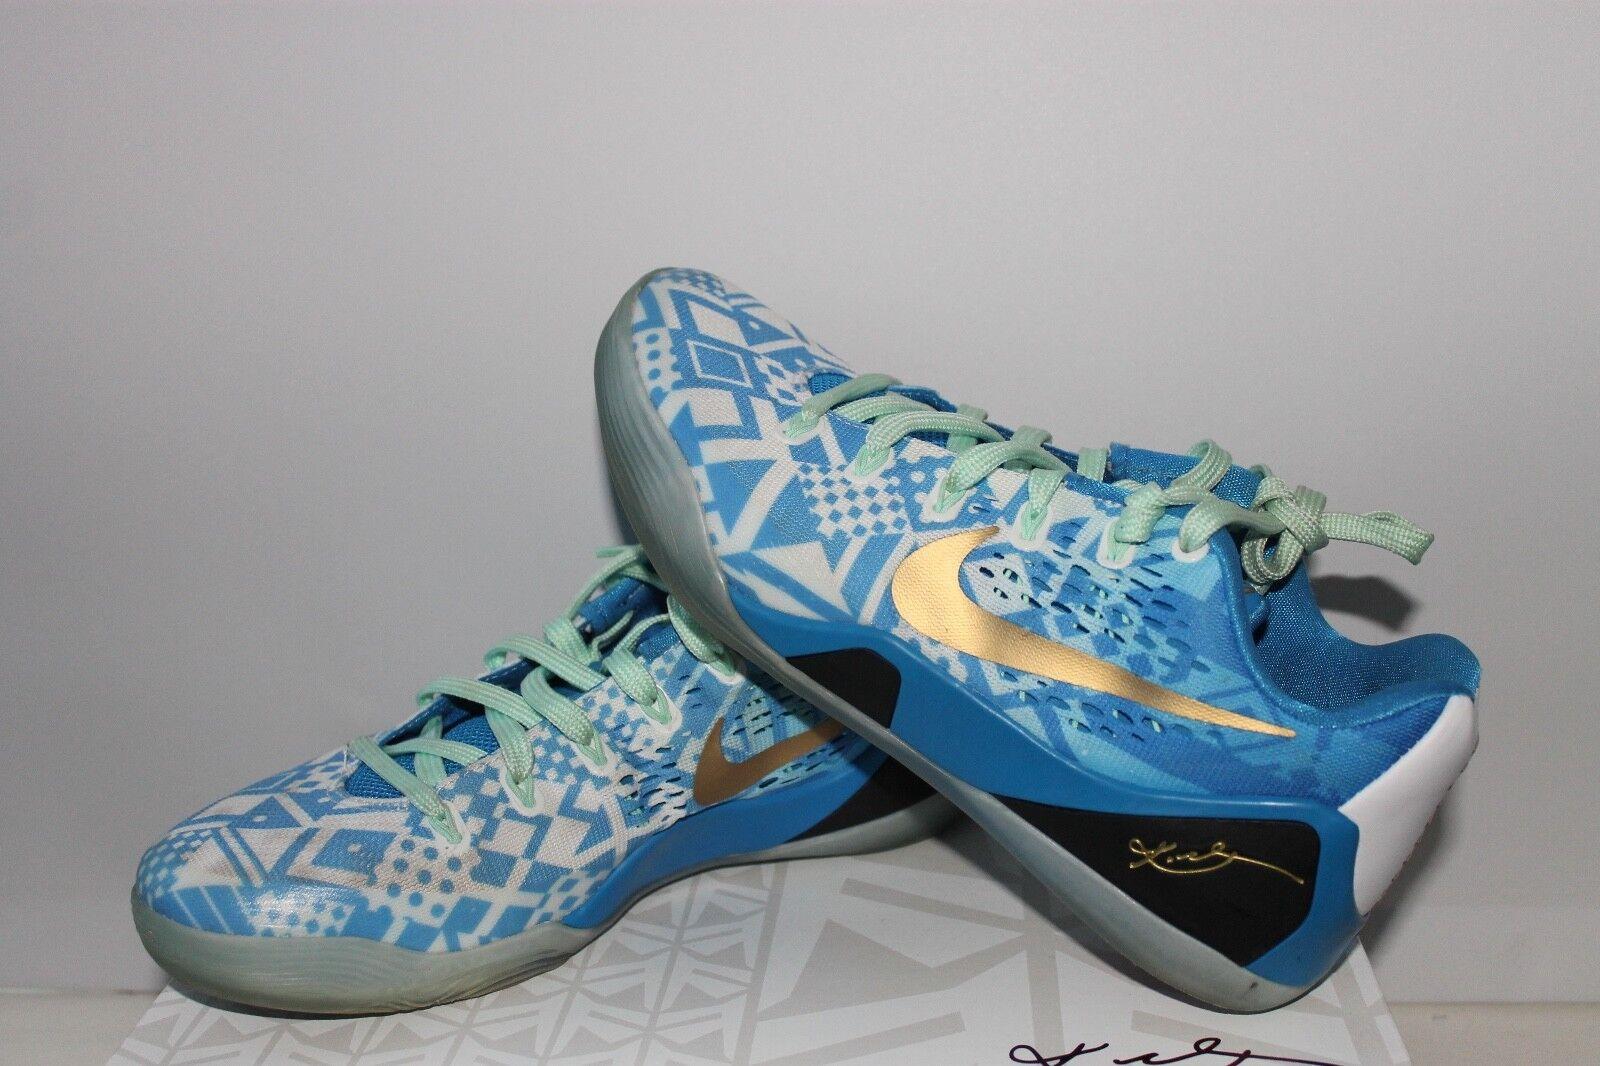 Nike Kobe IX EM Hyper Cobalt 646701-414 Size 7.5